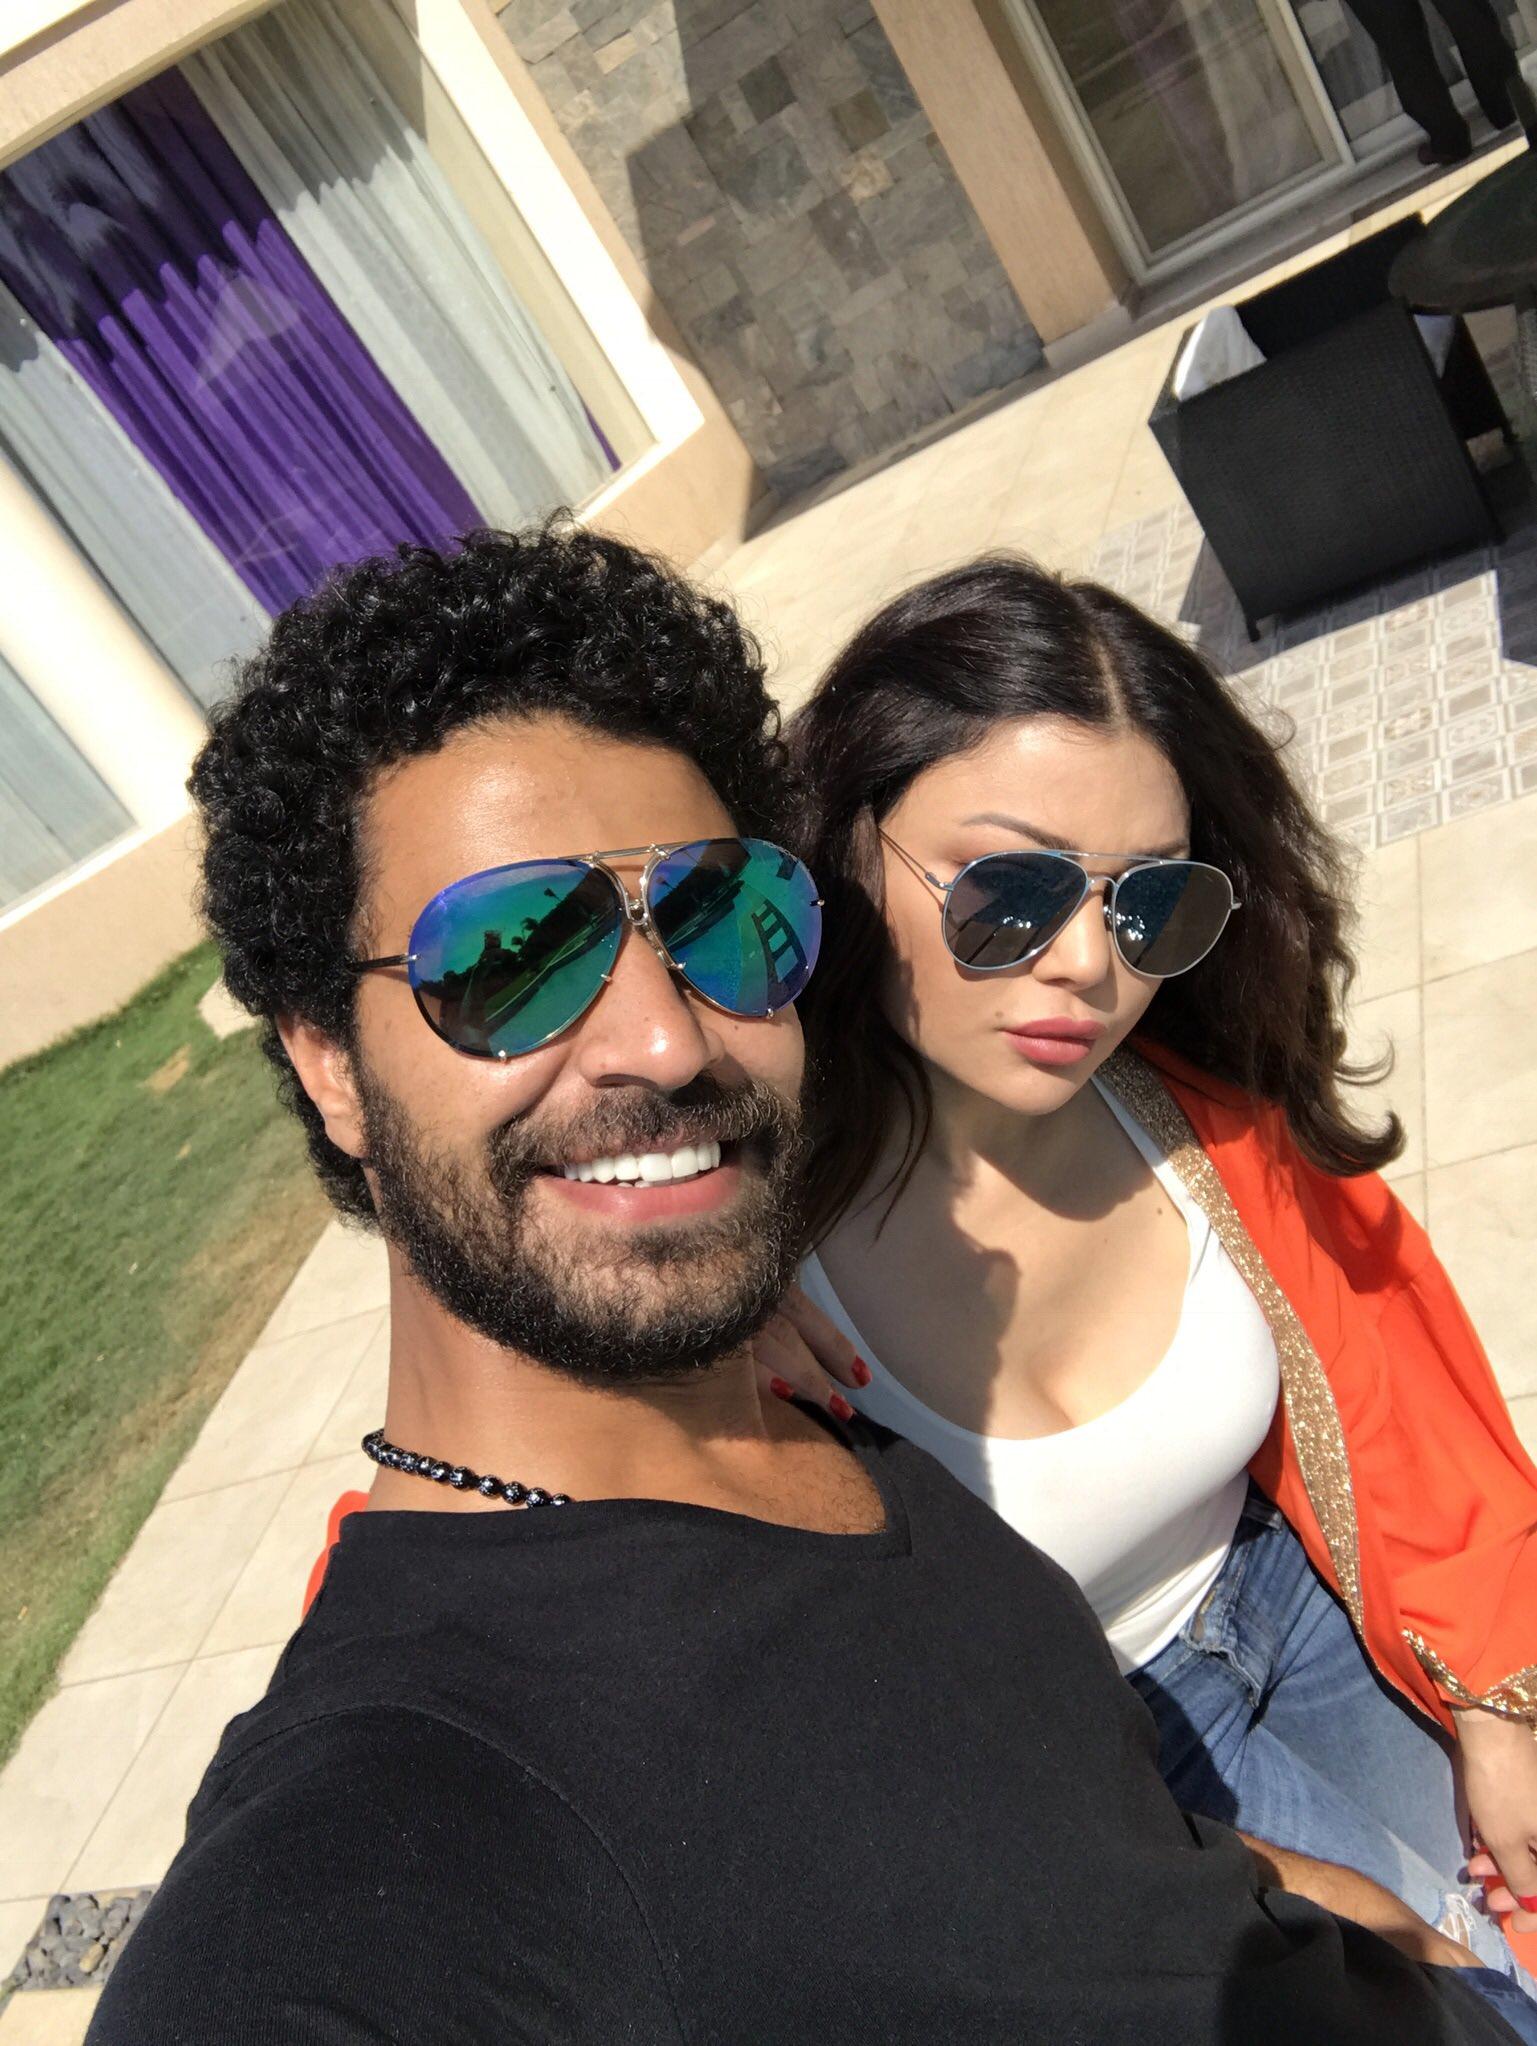 هيفاء وهبي : محمد الوزيري ليس مسؤولاً عن استبعادي من المهرجانات